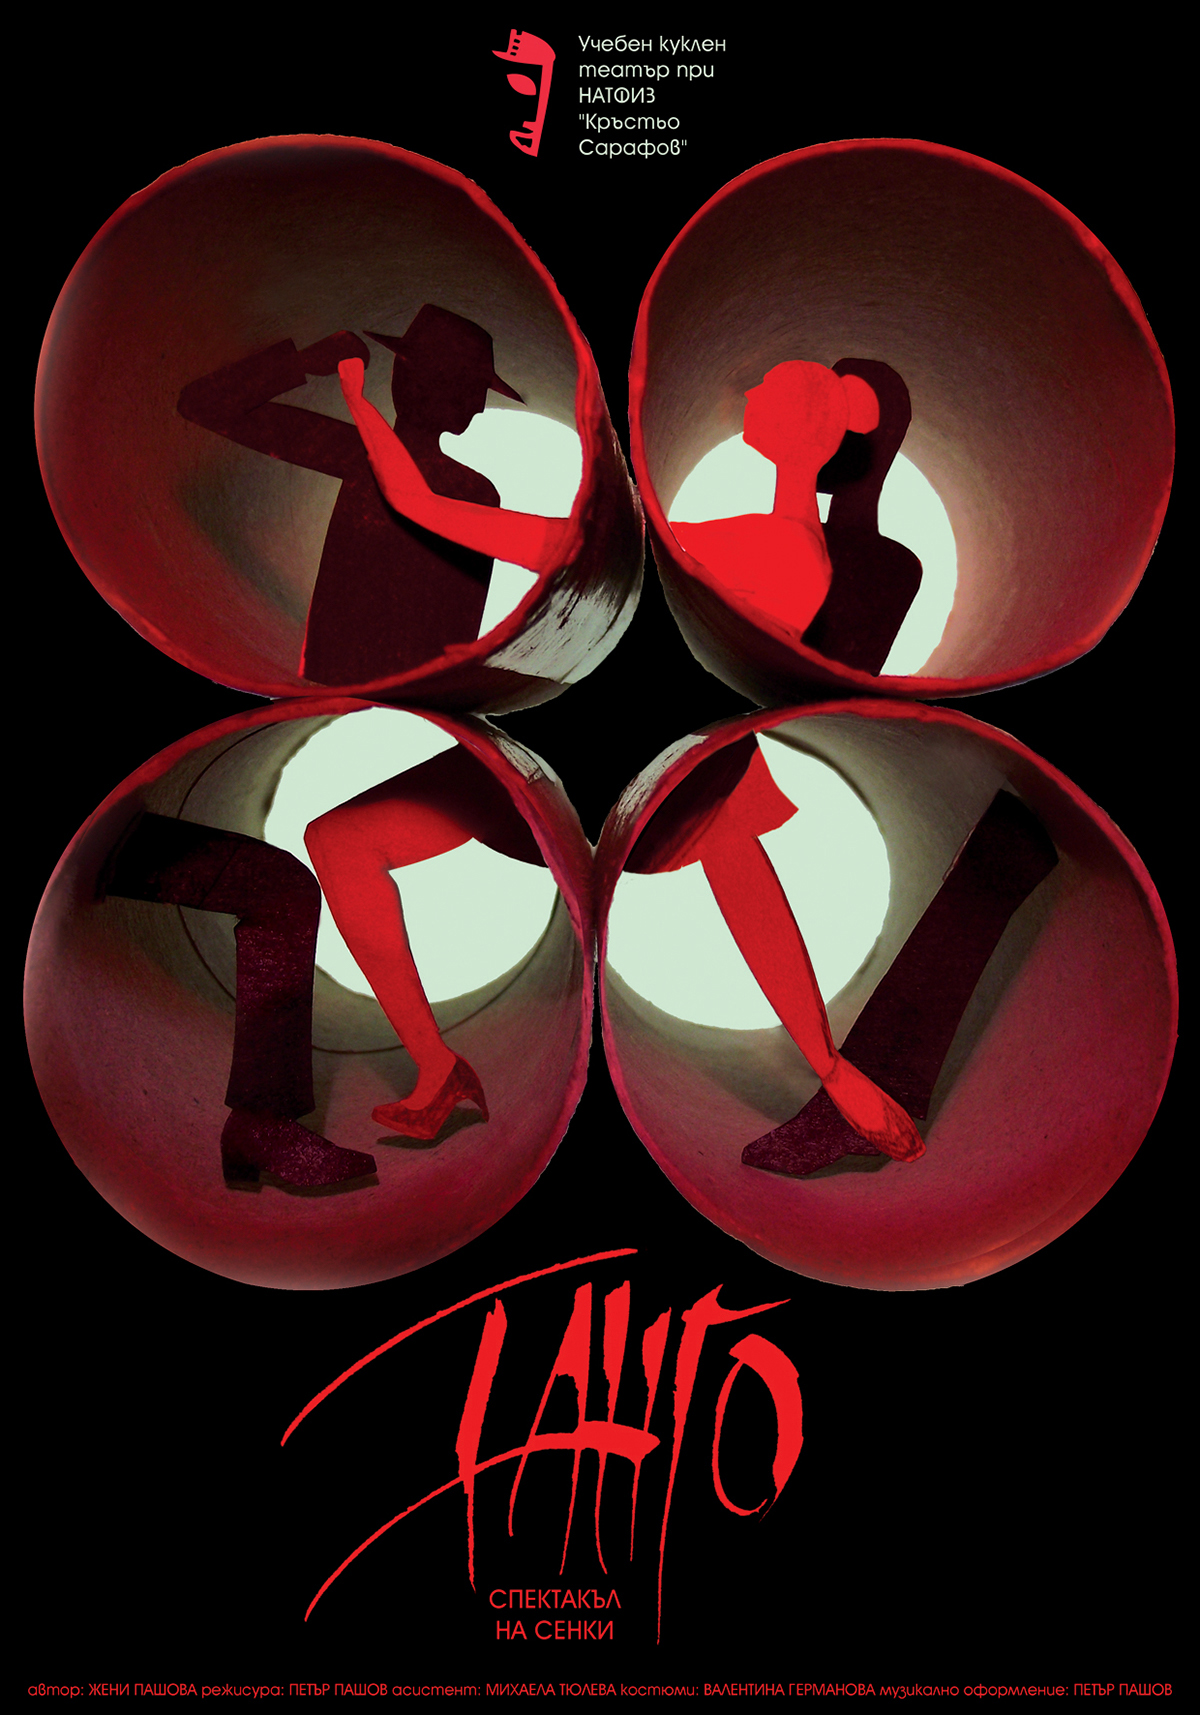 Театралени плакати/Theater poster